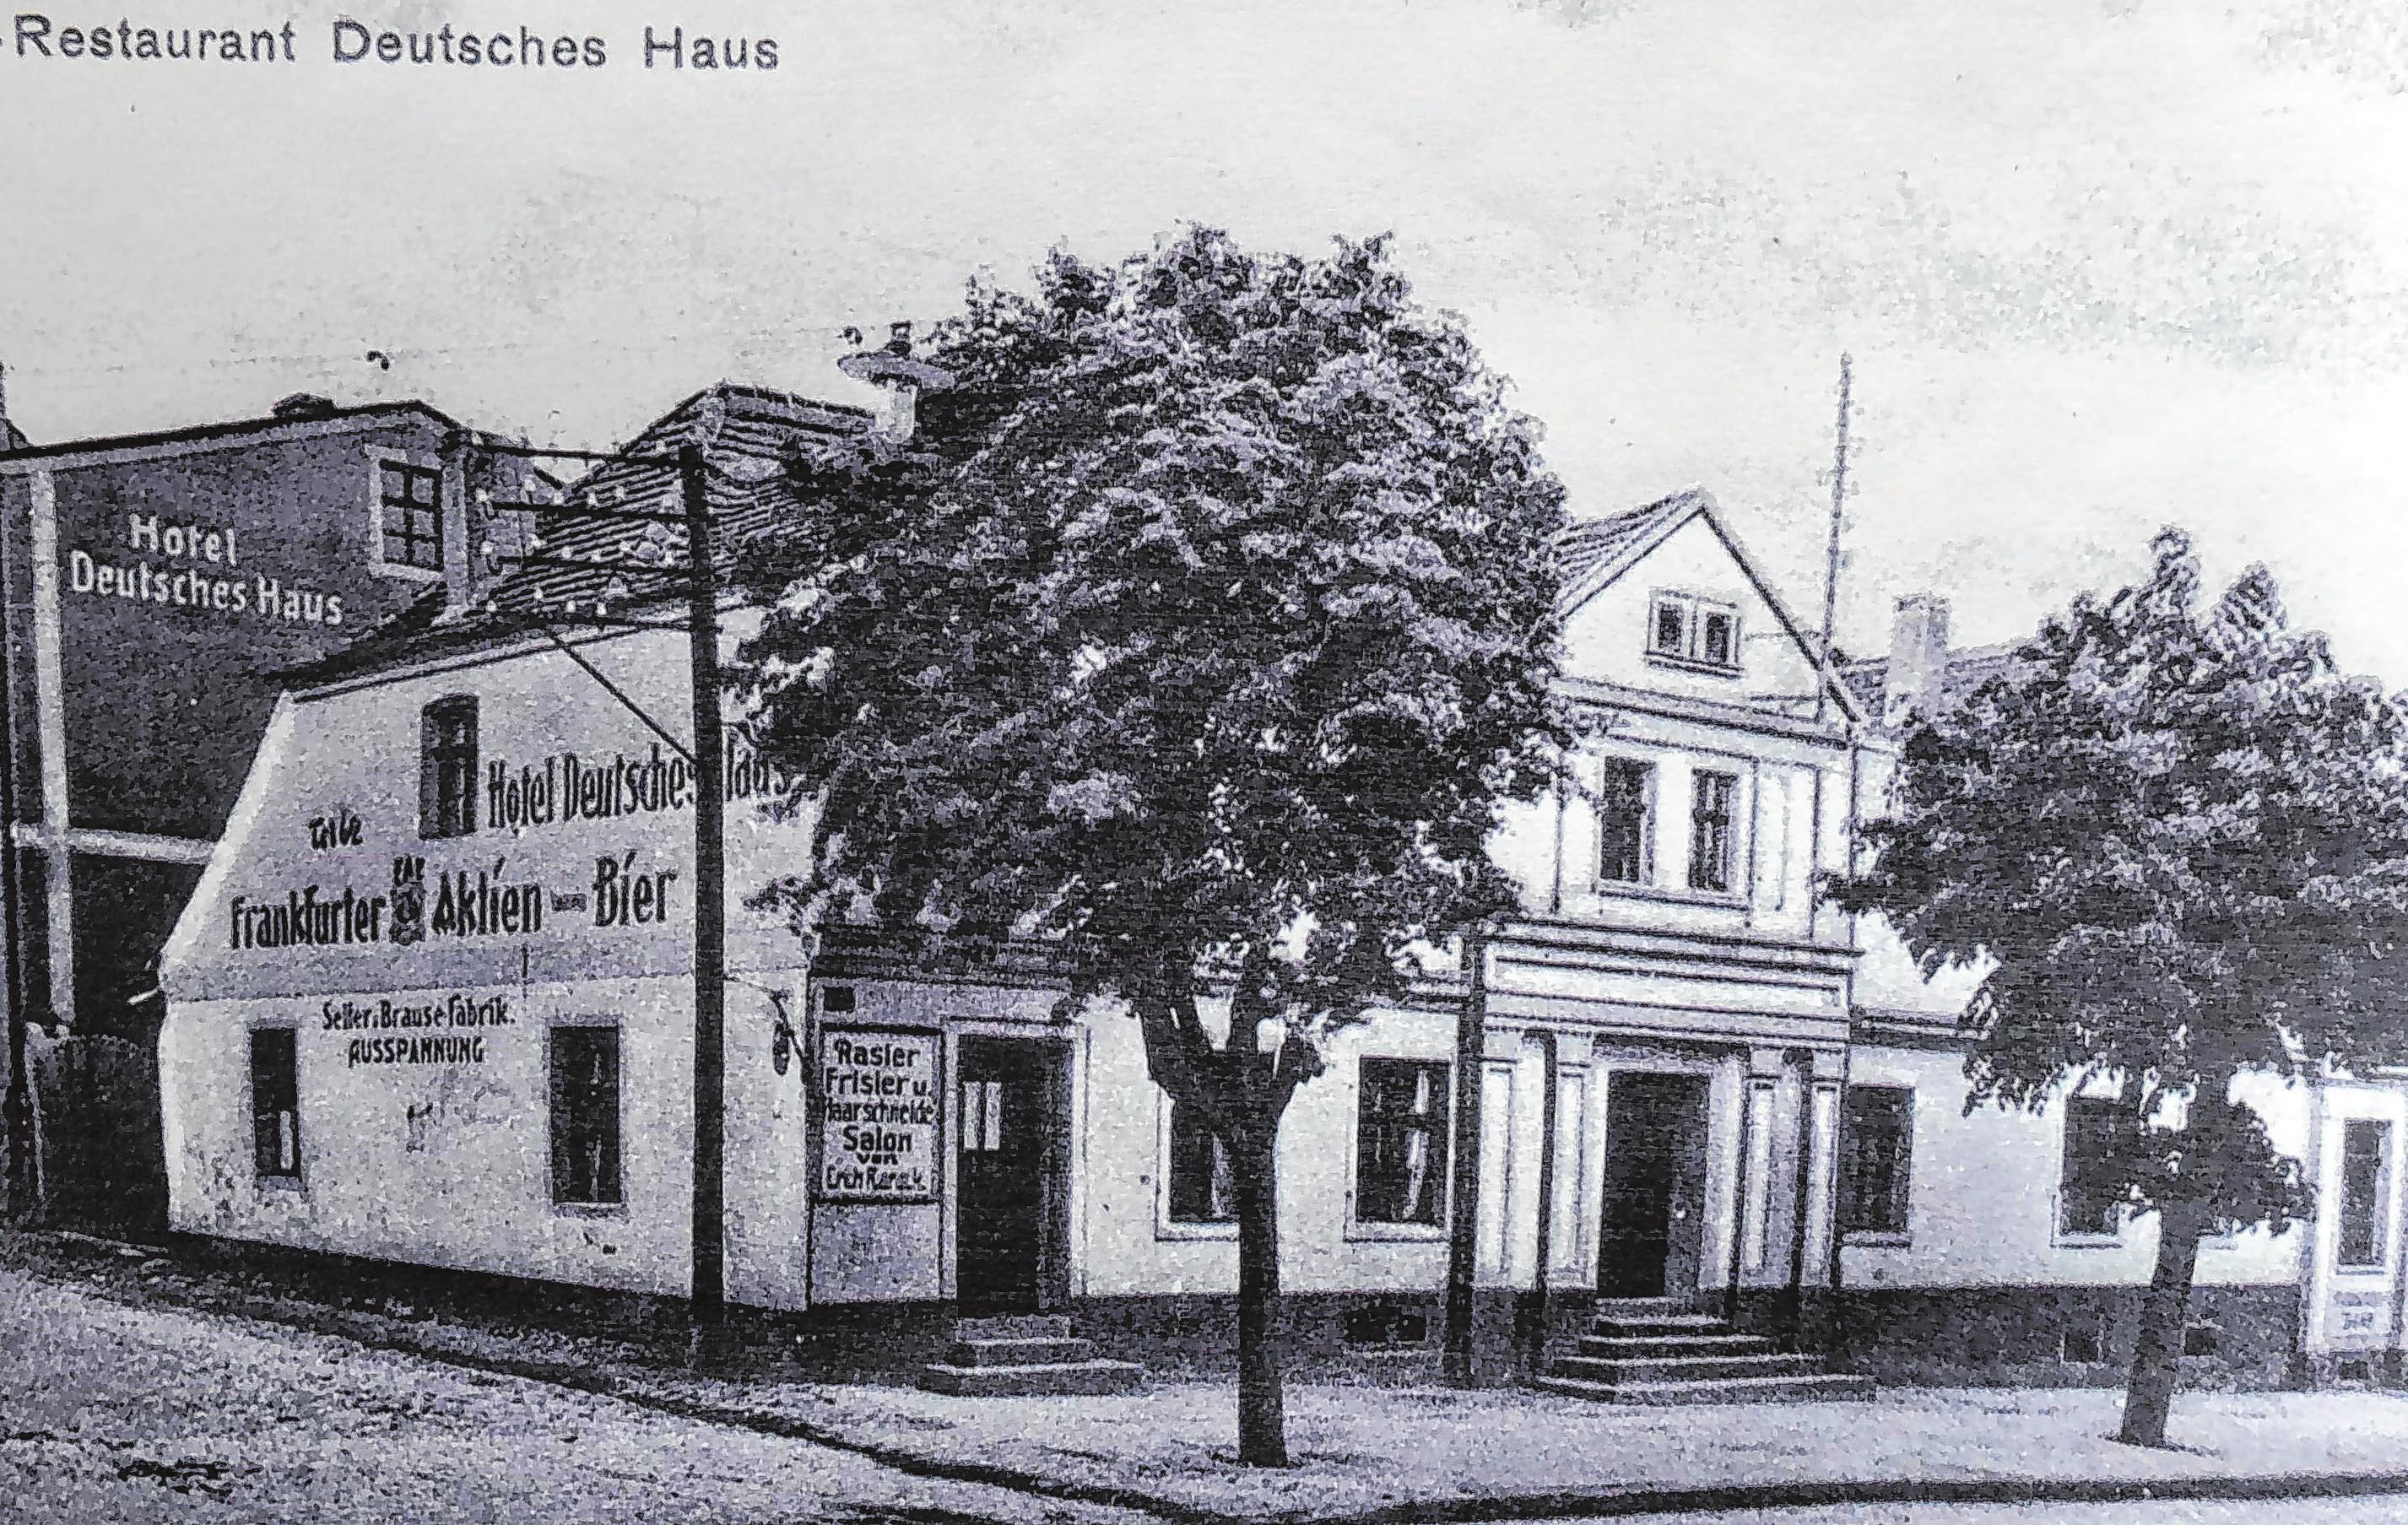 Lebus ist ein Ort mit Geschichte. Um deren Pflege kümmern sich die Mitglieder des Lebsuer Heimatvereins. Regelmäßig gestalten sie Ausstellungen im Haus Lebuser Land. Aktuell ist dort eine Sonderschau zum Lebuser Gastgewerbe zu sehen - mit vielen historischen Fotos, wie jenem vom einstigen Gasthof Deutsches Haus. Foto: Repro Doris Steinkraus